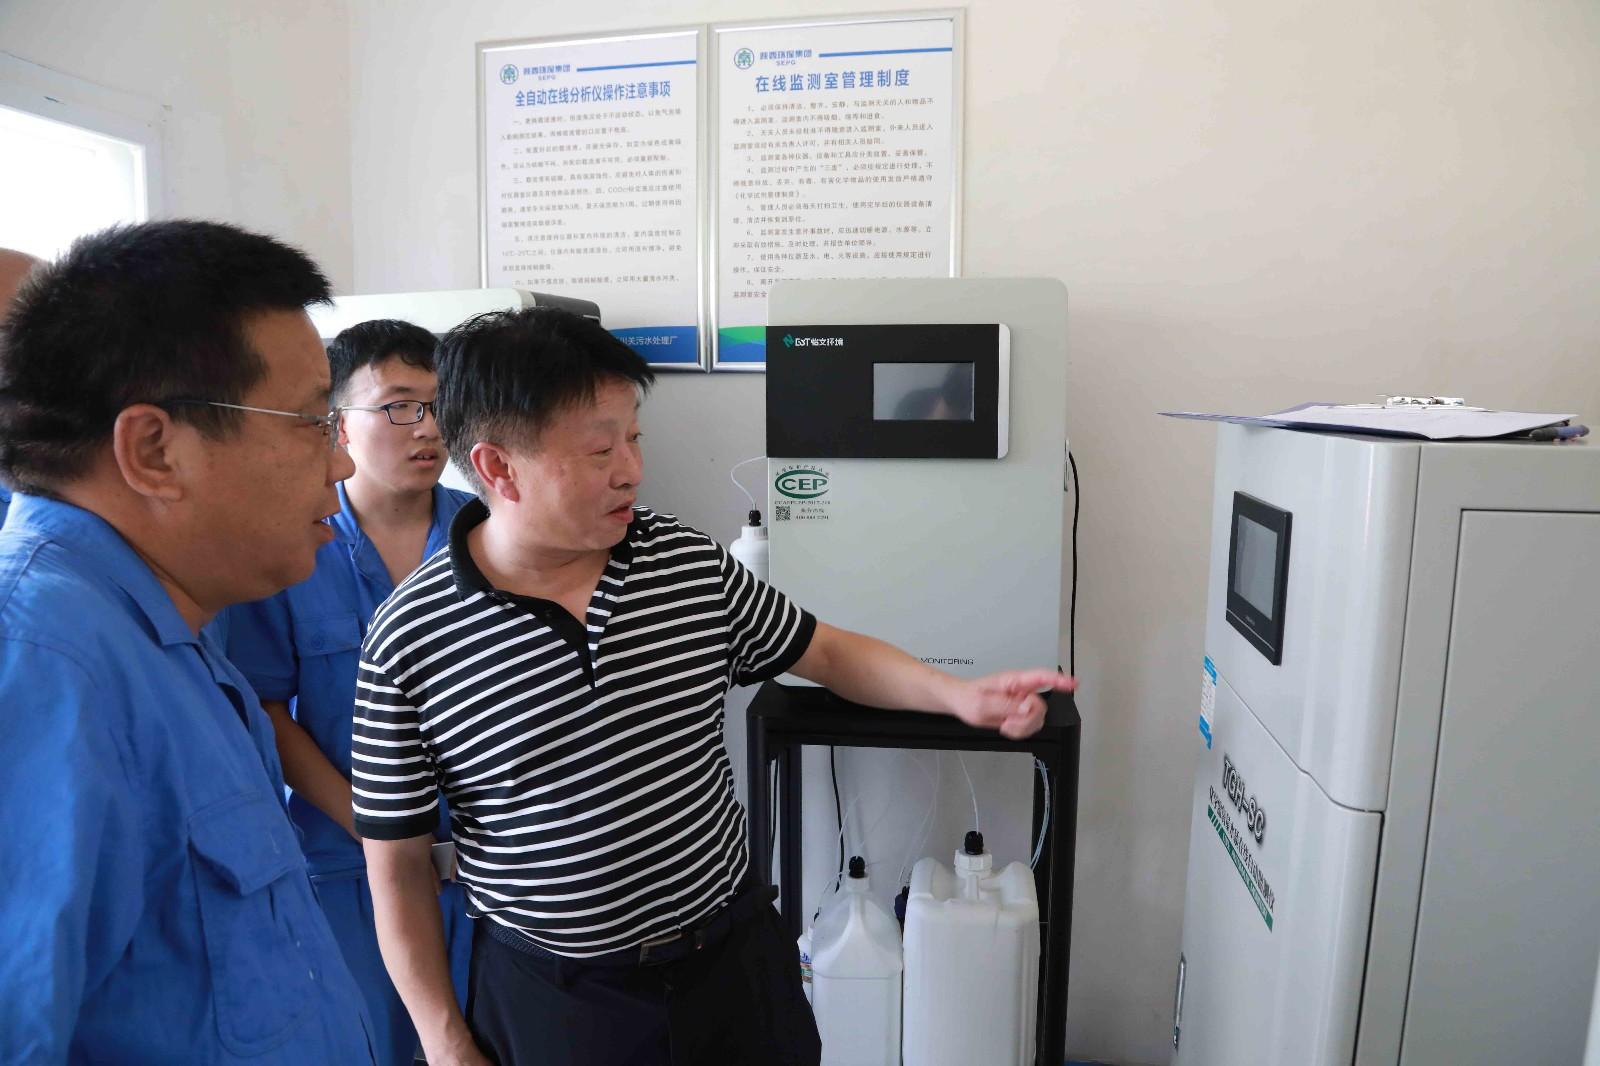 熊良虎到水环境公司漫川关镇污水处理厂调研并慰问一线职工